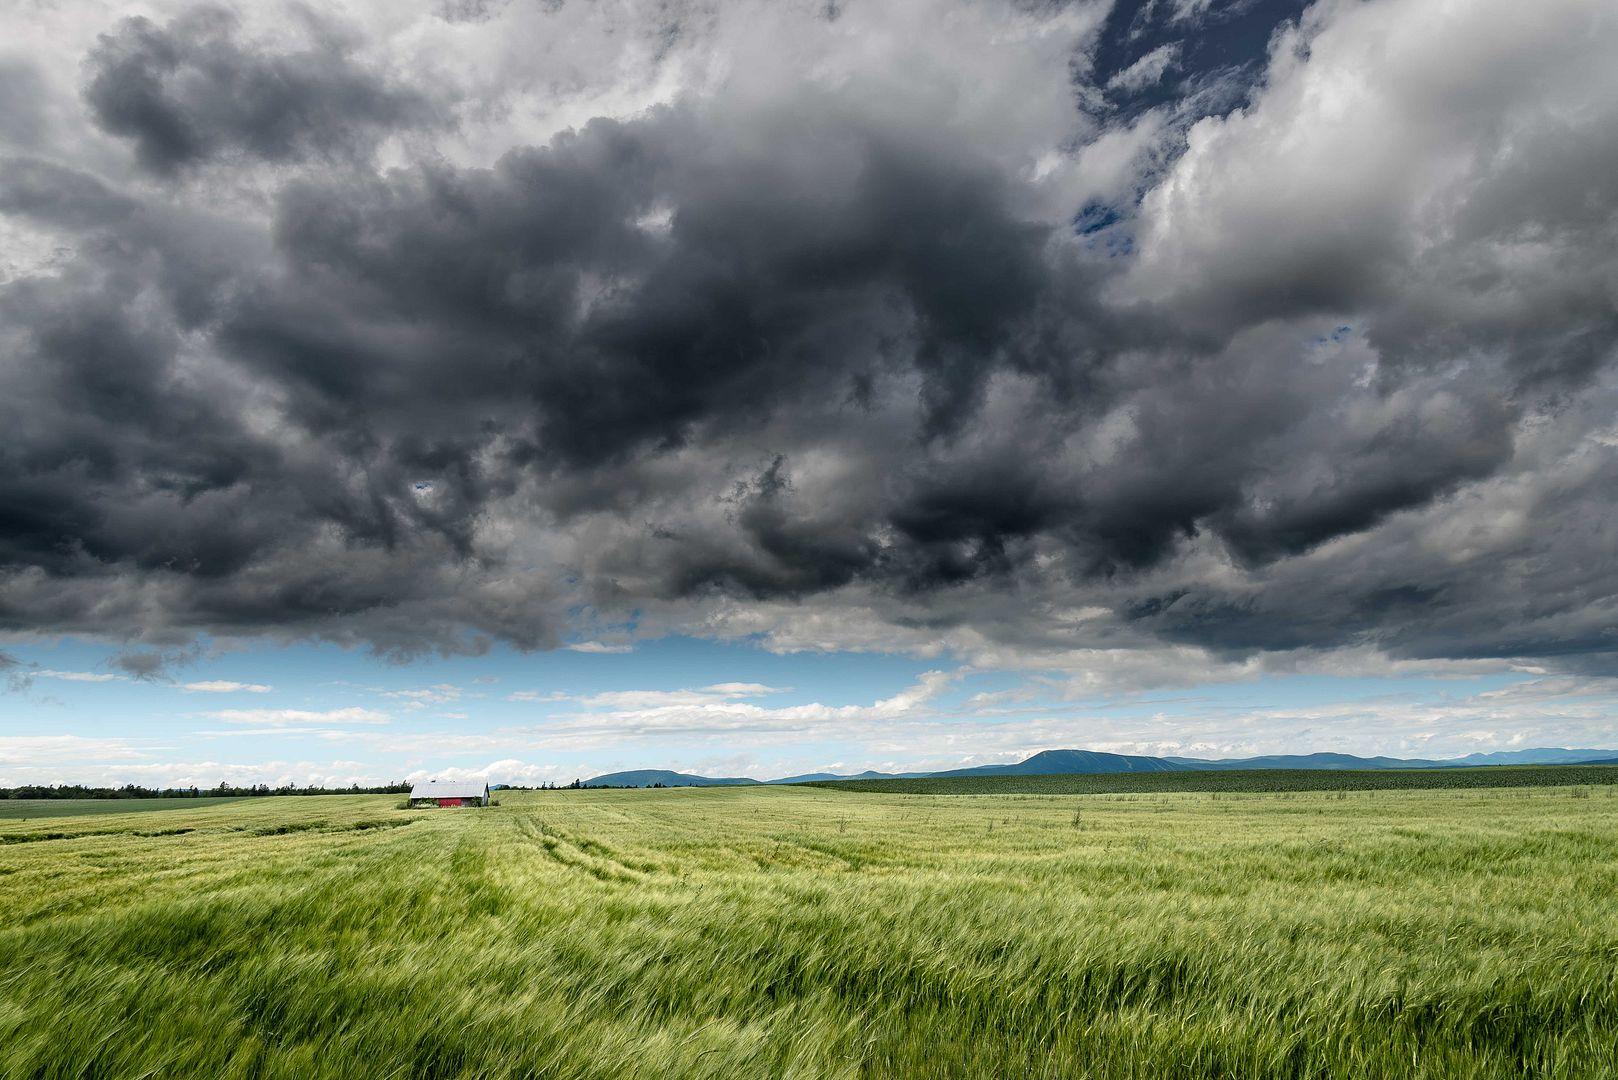 L'orage Ile%20divers%208a_zps01up6cey